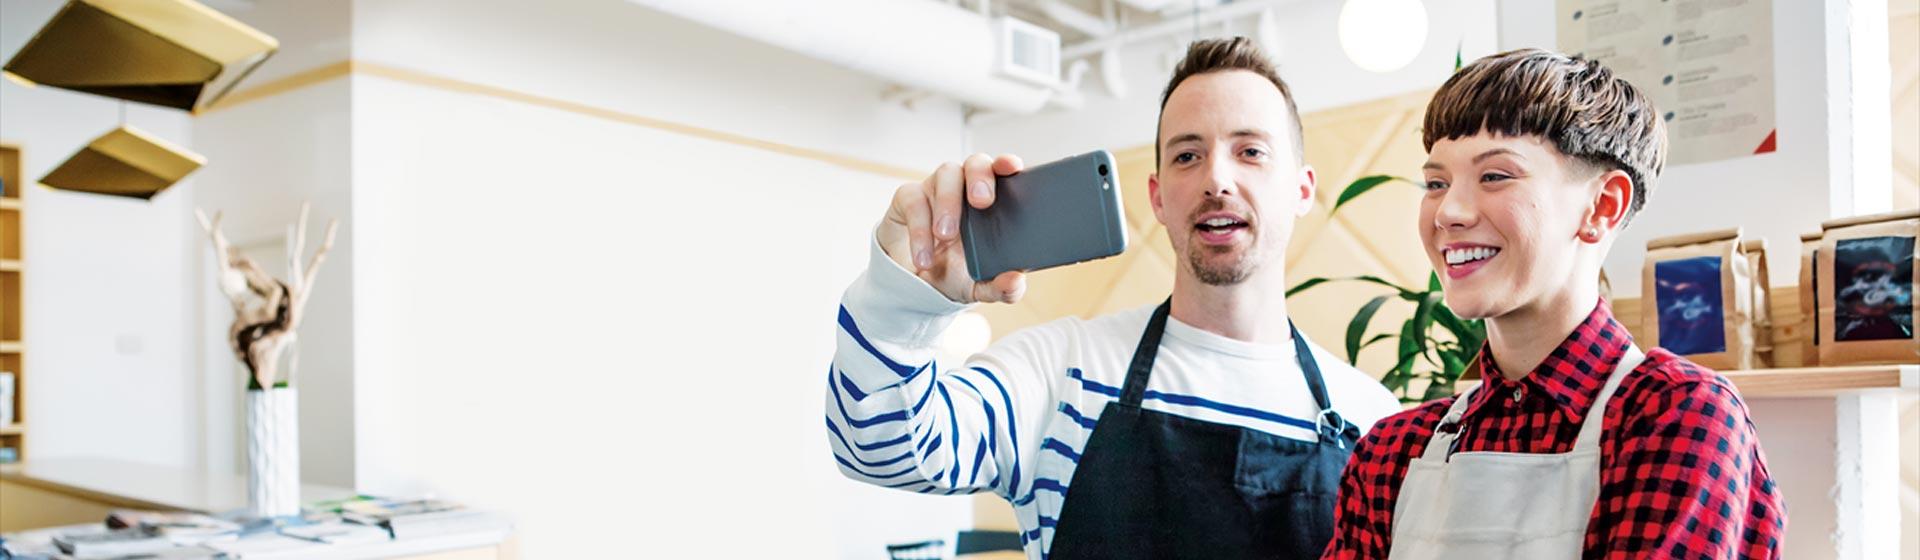 Dos personas sonriendo mirando un smartphone mientras usan Llamada RTC en Skype Empresarial